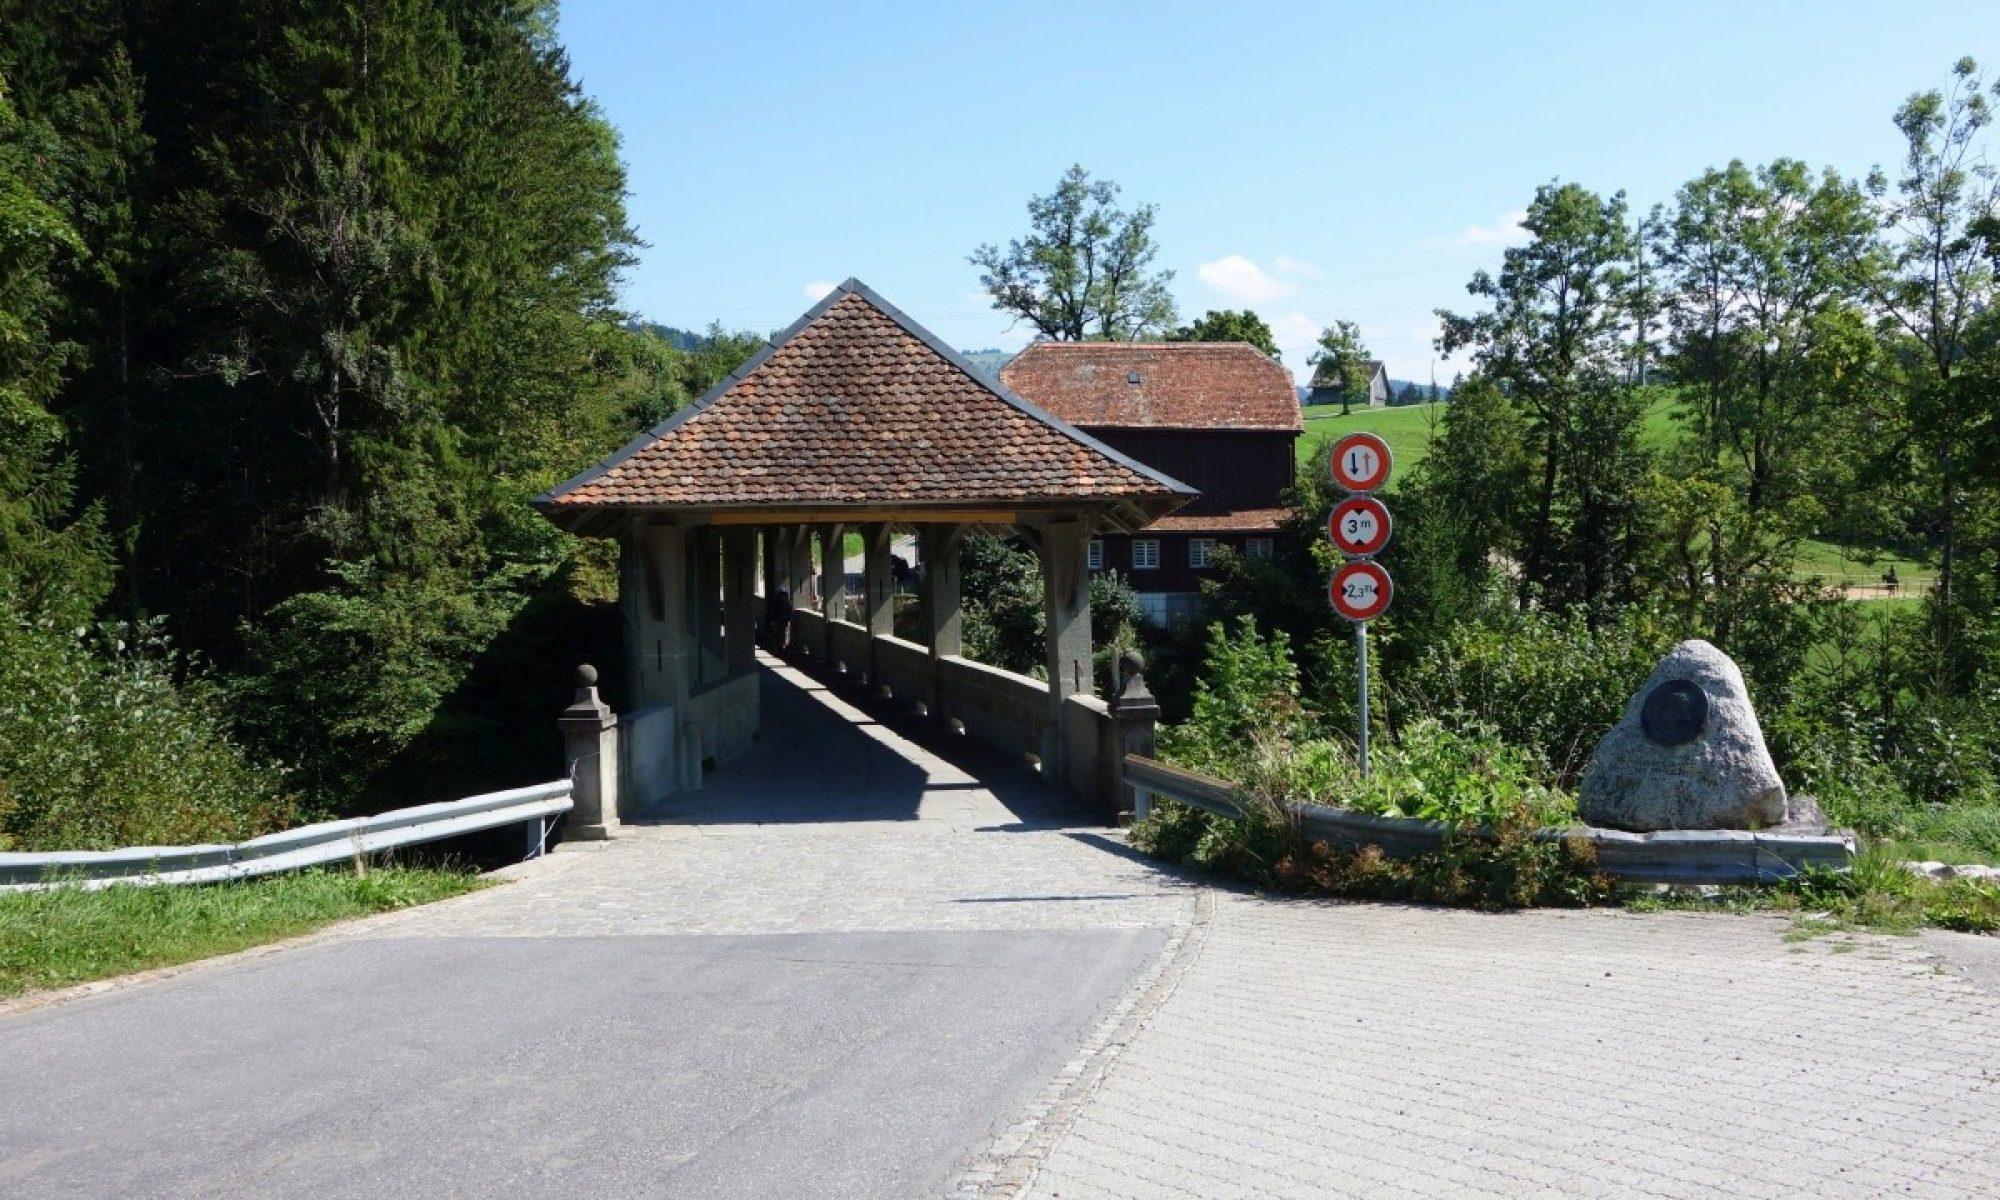 167 Tüfelsbrugg2